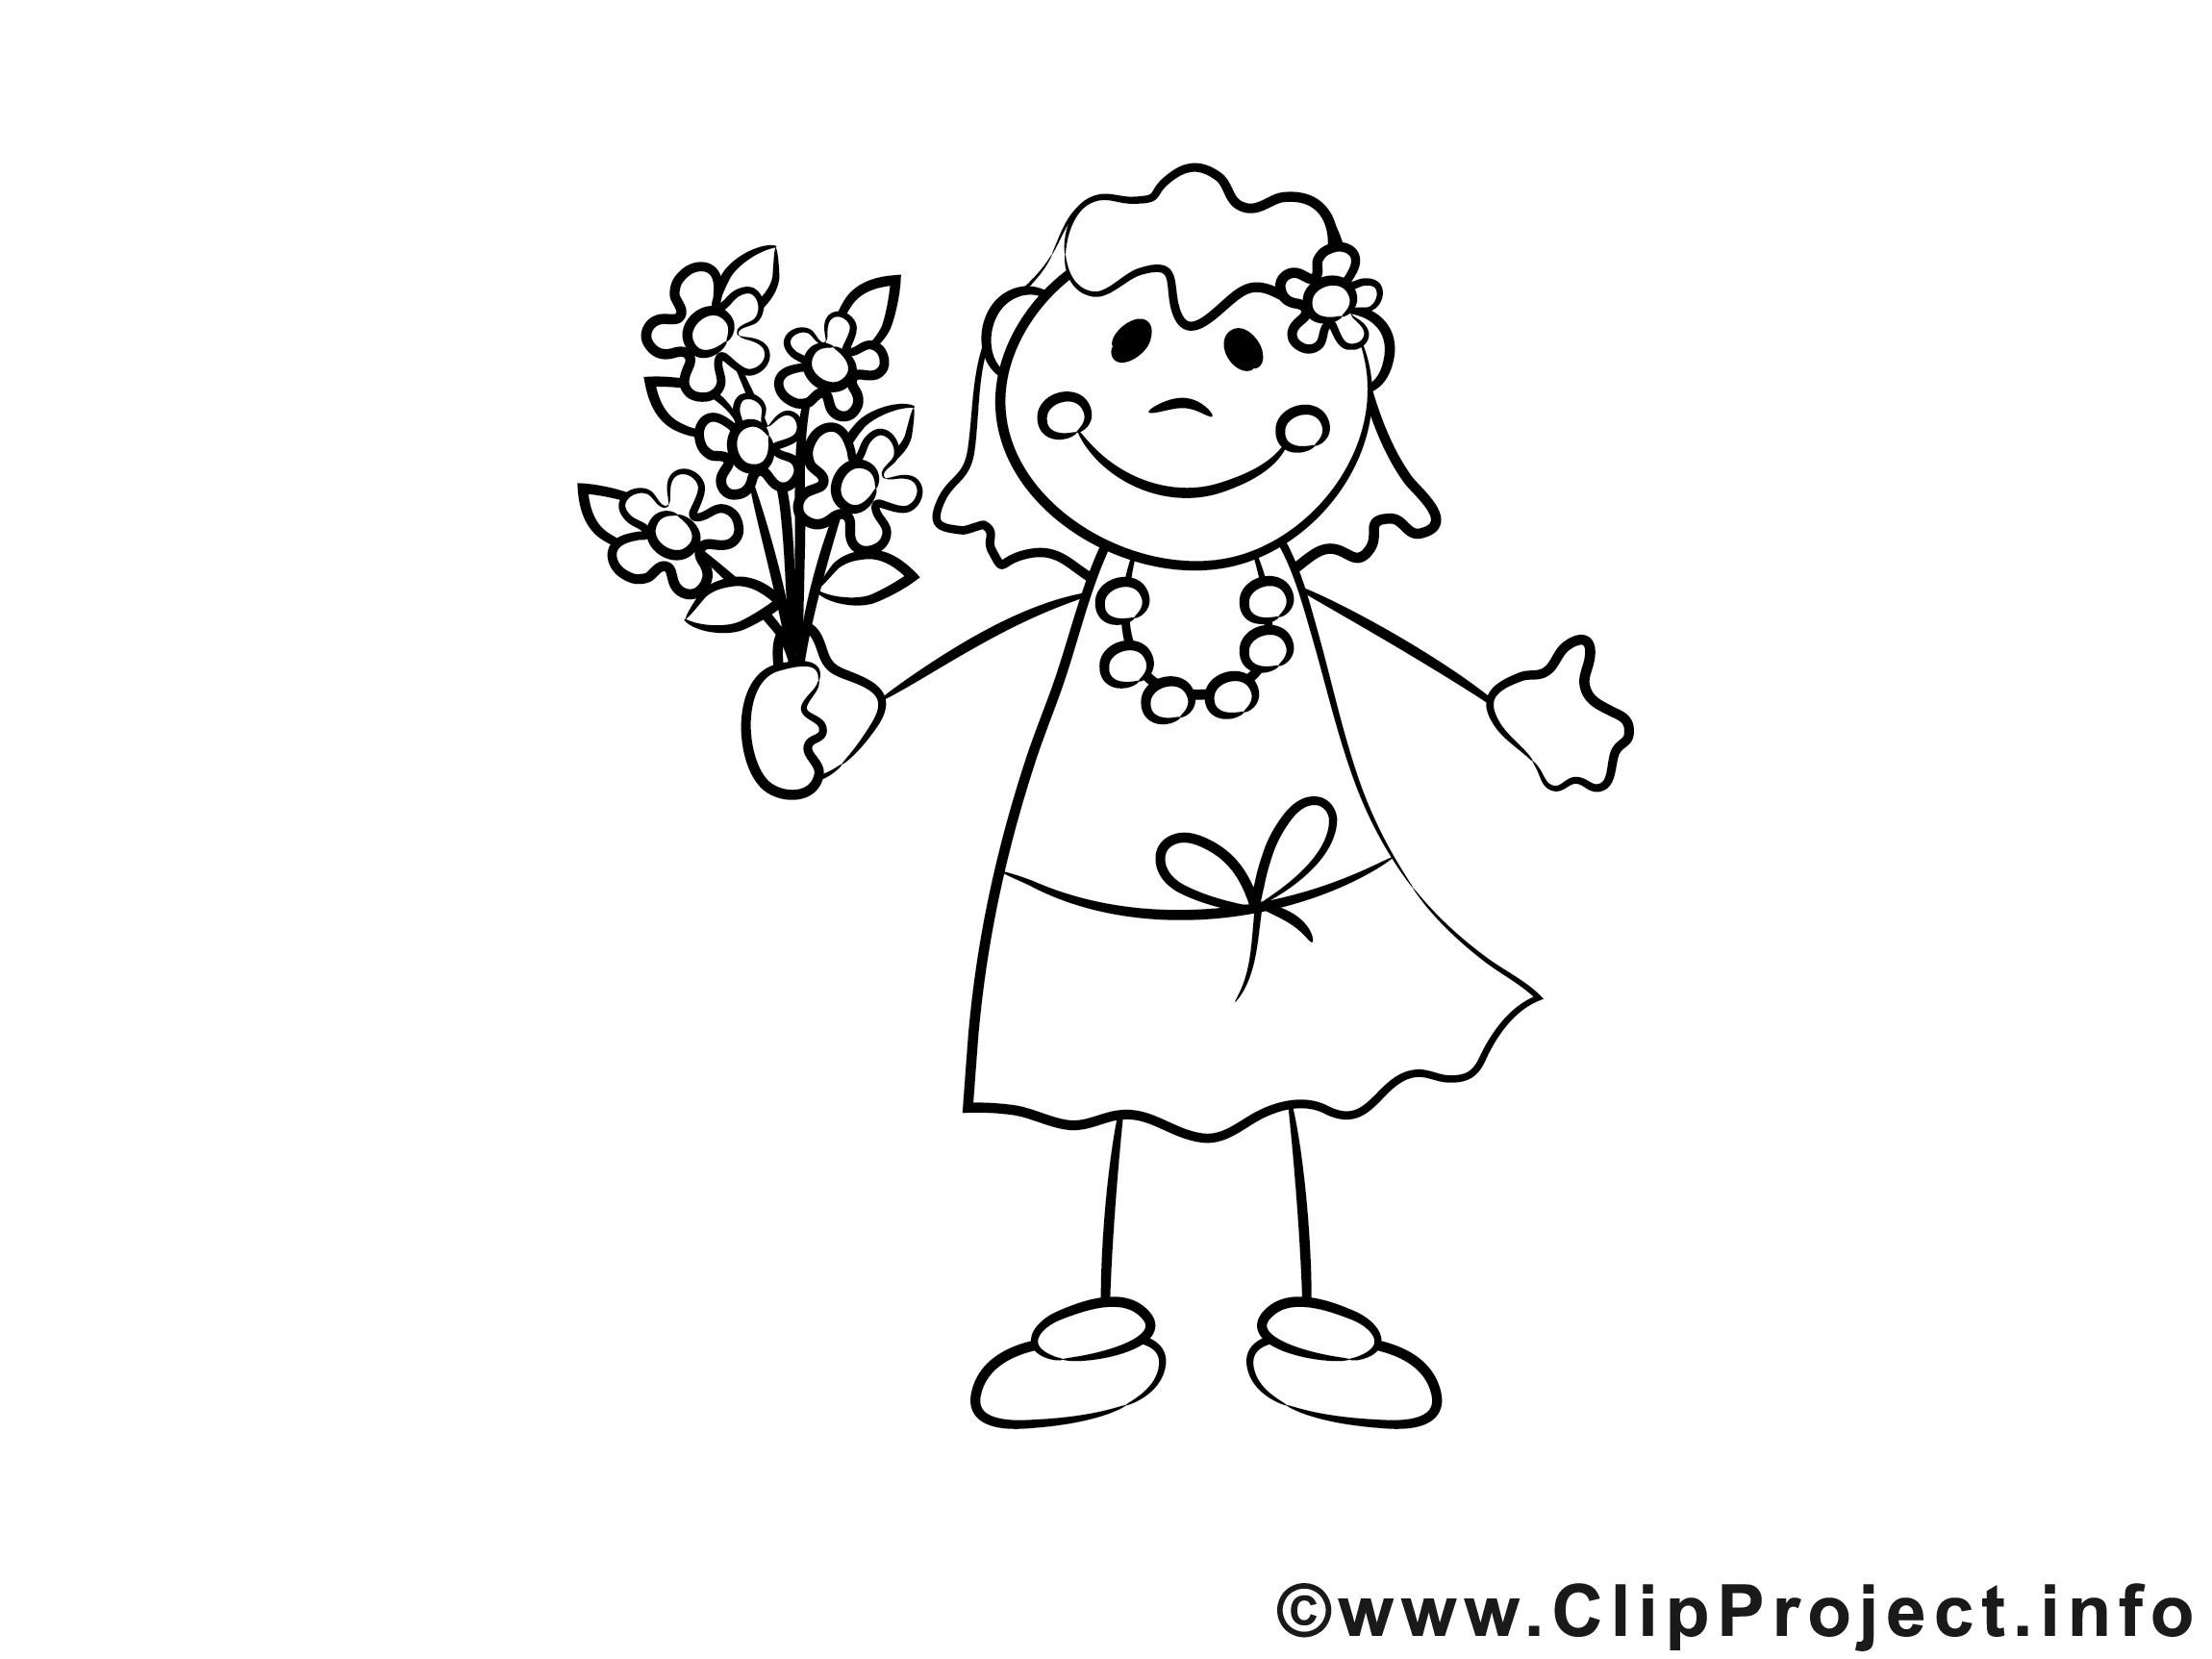 Ausmalbild St. Martin Neu Malspiele Für Kinder Kostenlos Außergewöhnliche Madchen Mit Blumen Fotos